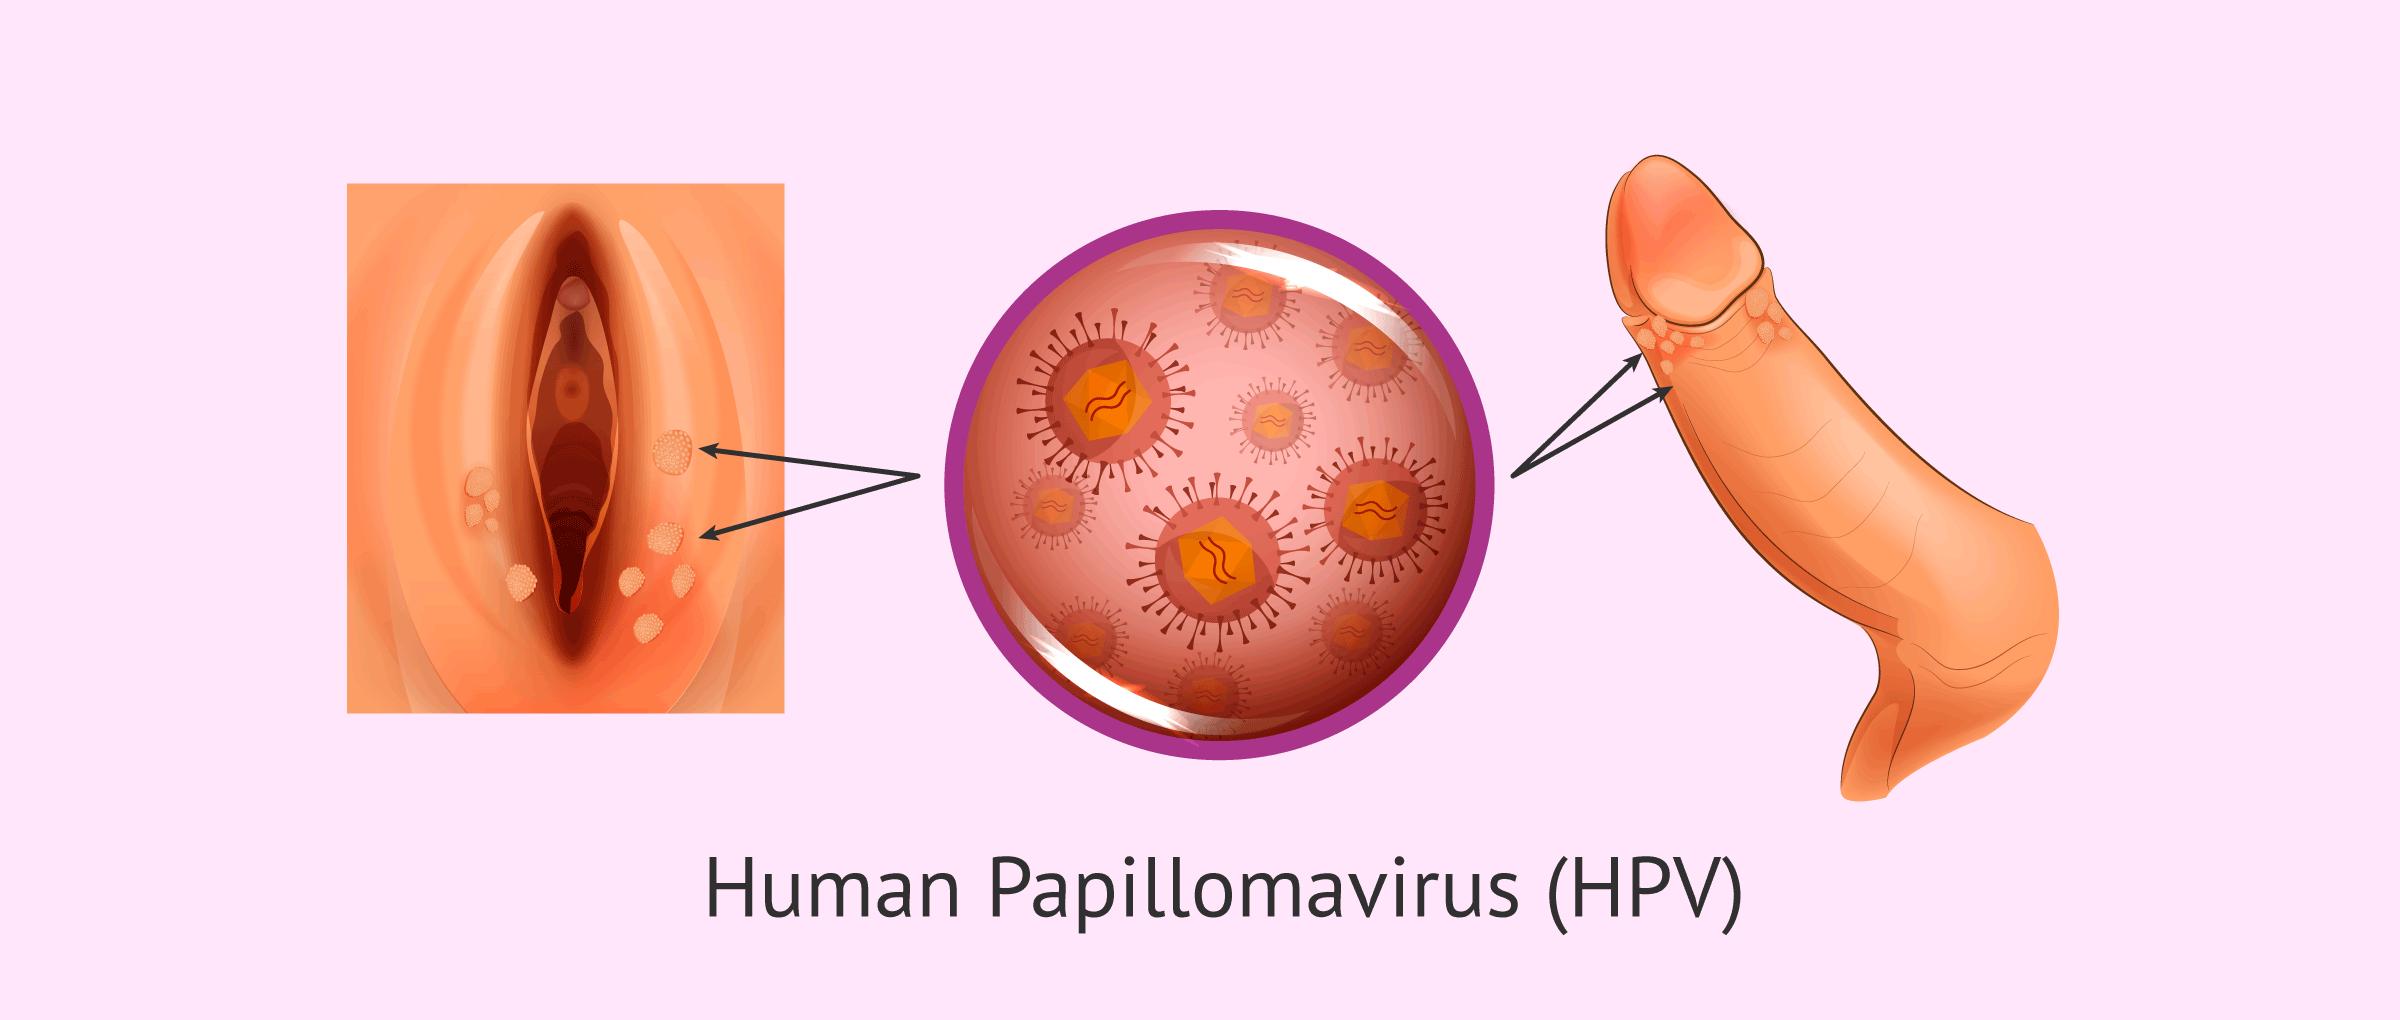 papillomaviruses and warts)